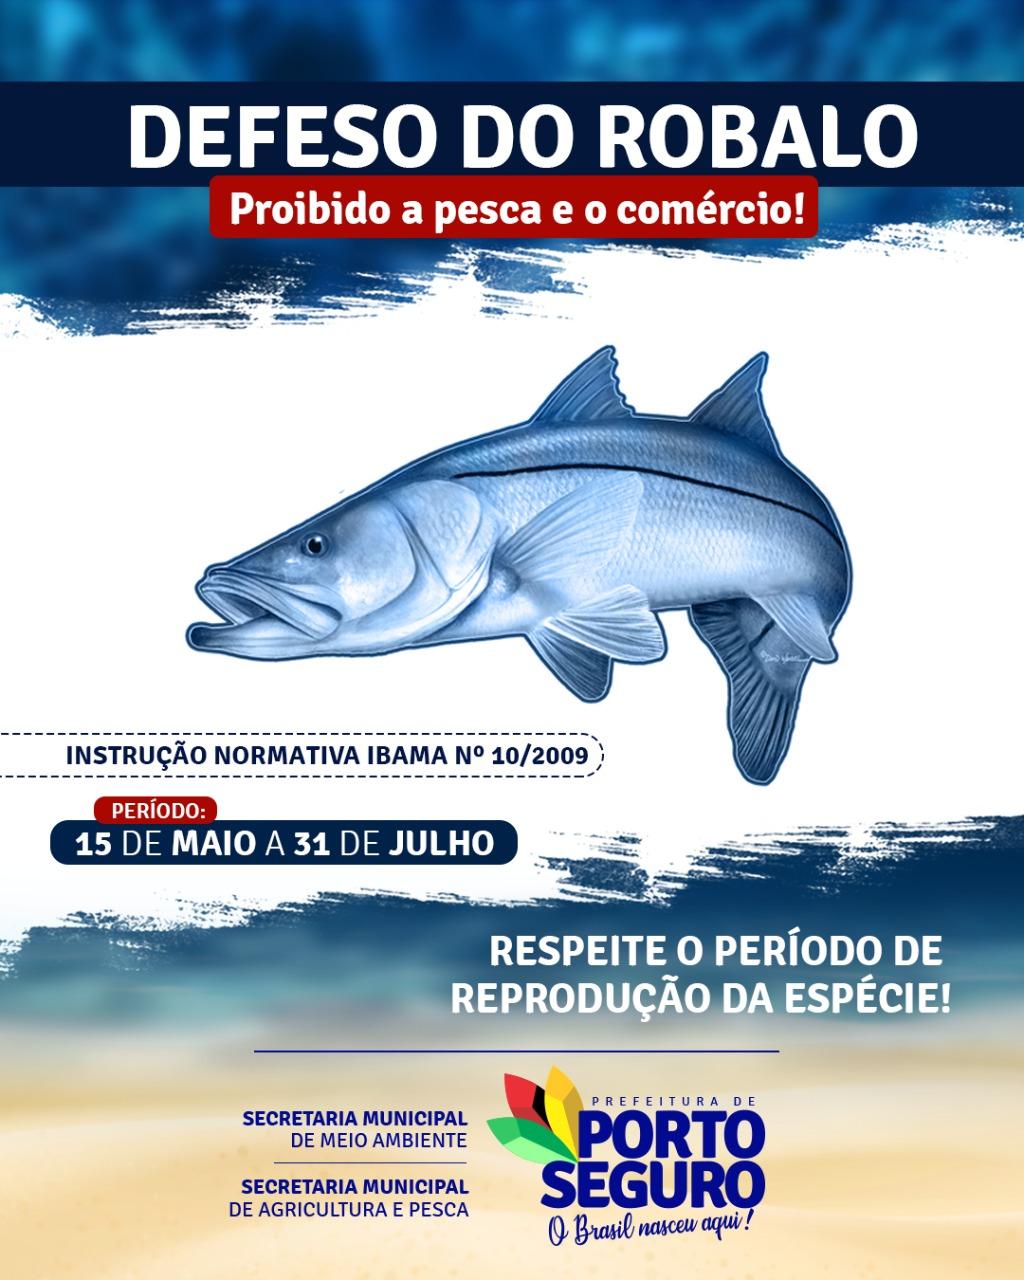 Defeso do Robalo: pesca será liberada após 31 de julho 18